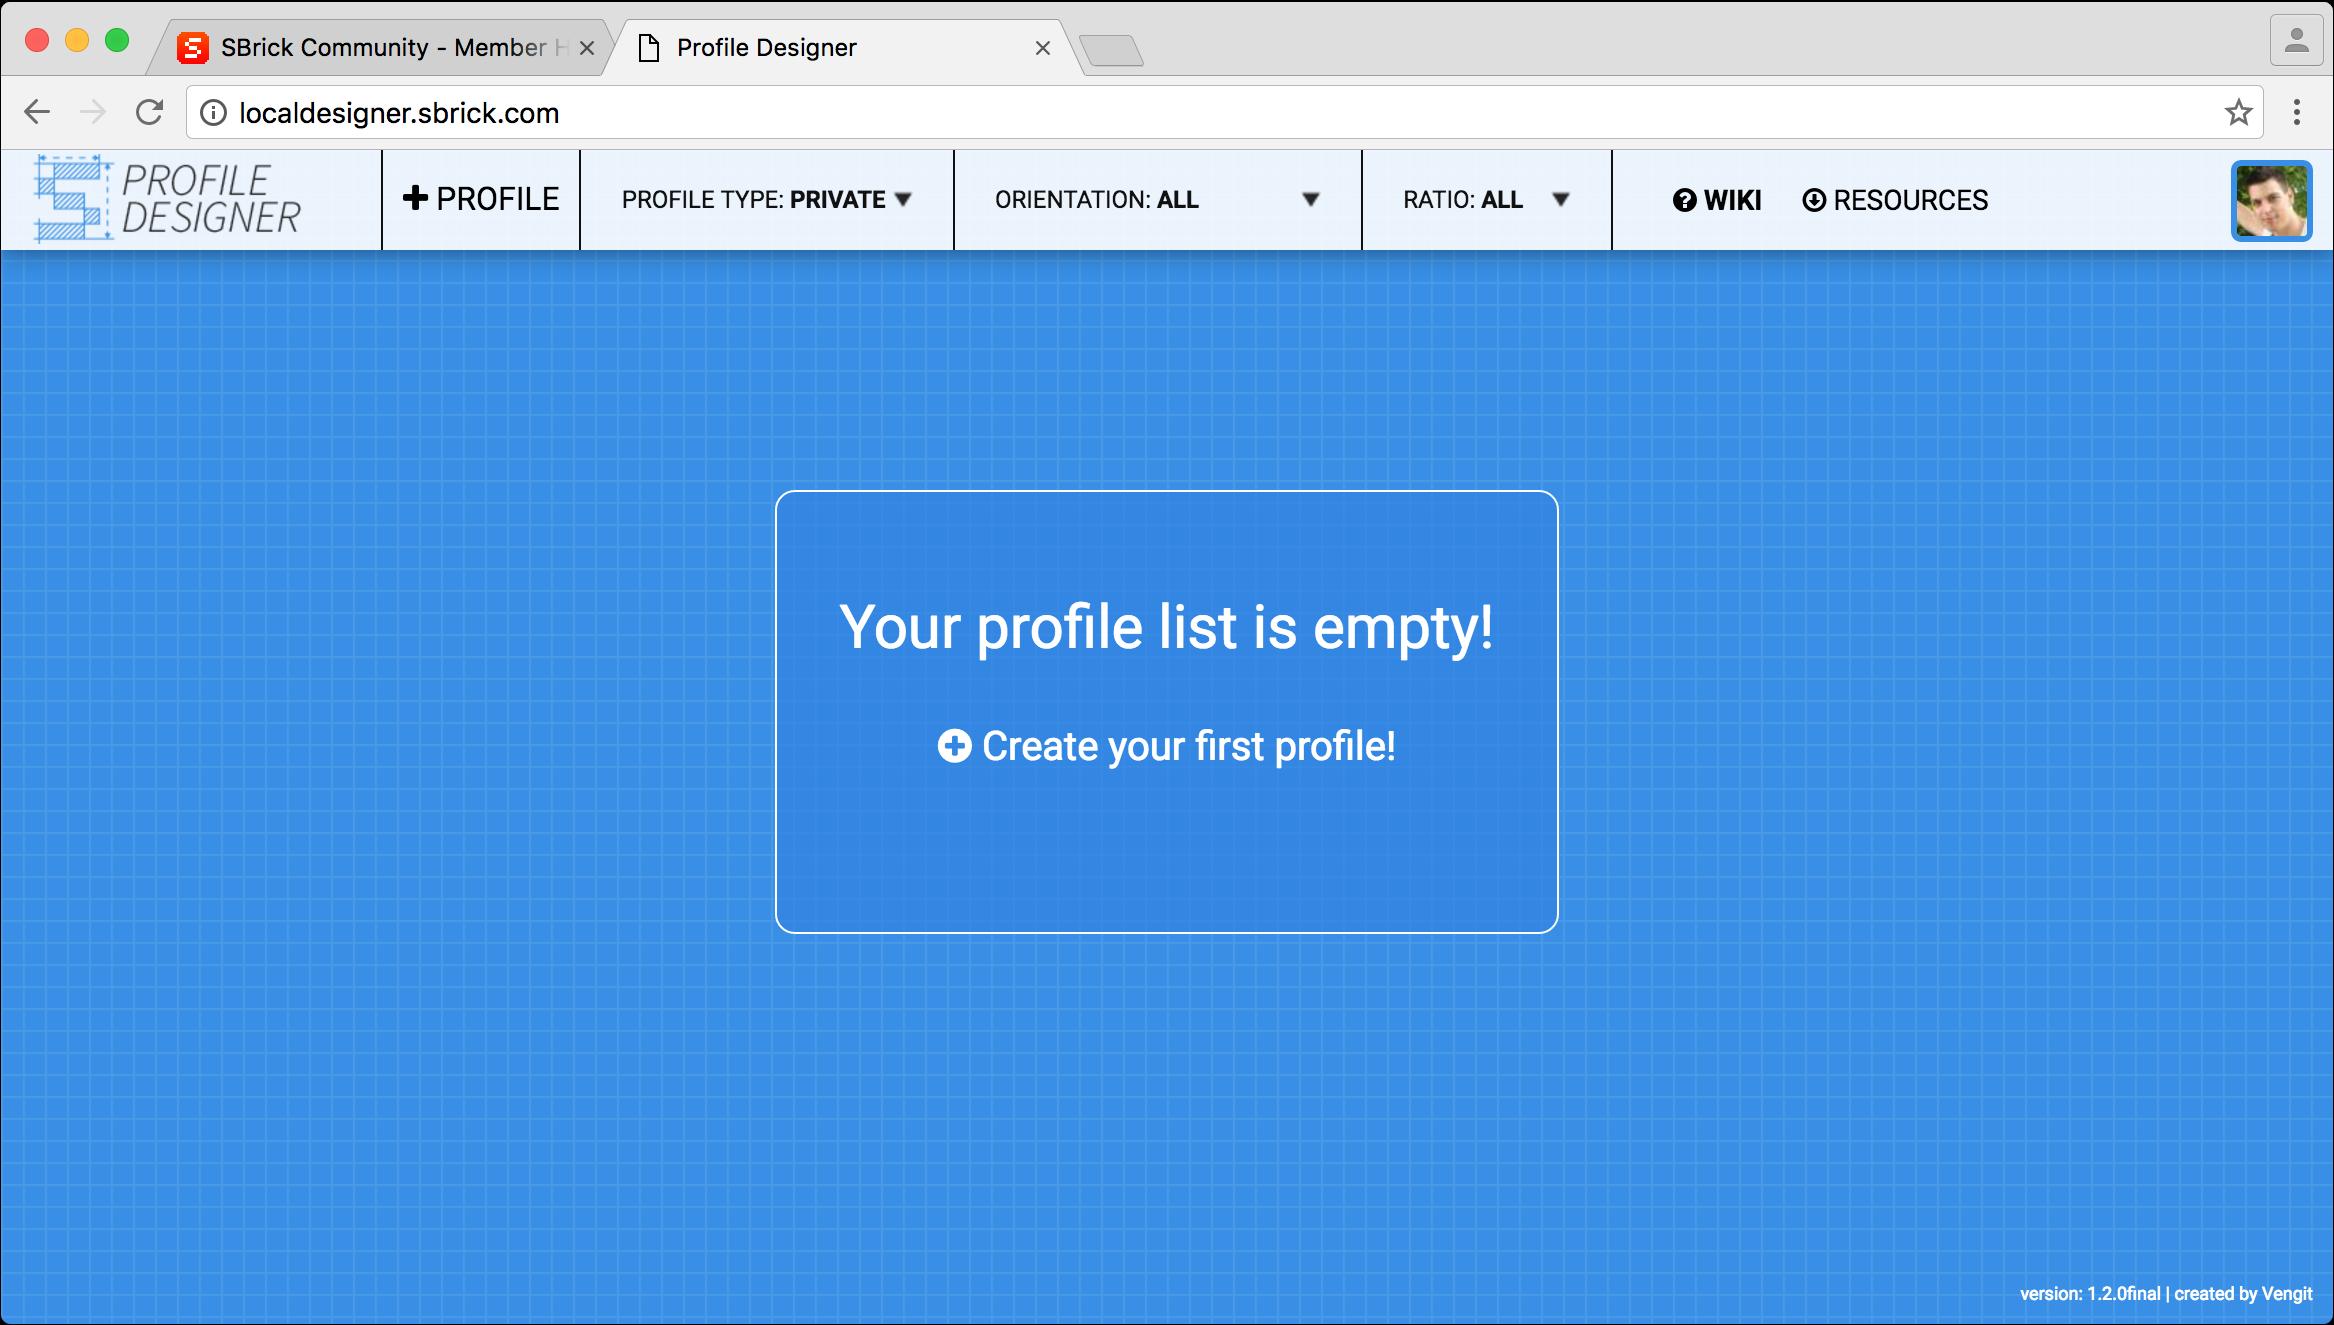 User Guide for Profile Designer - Wikis Profile - SBrick